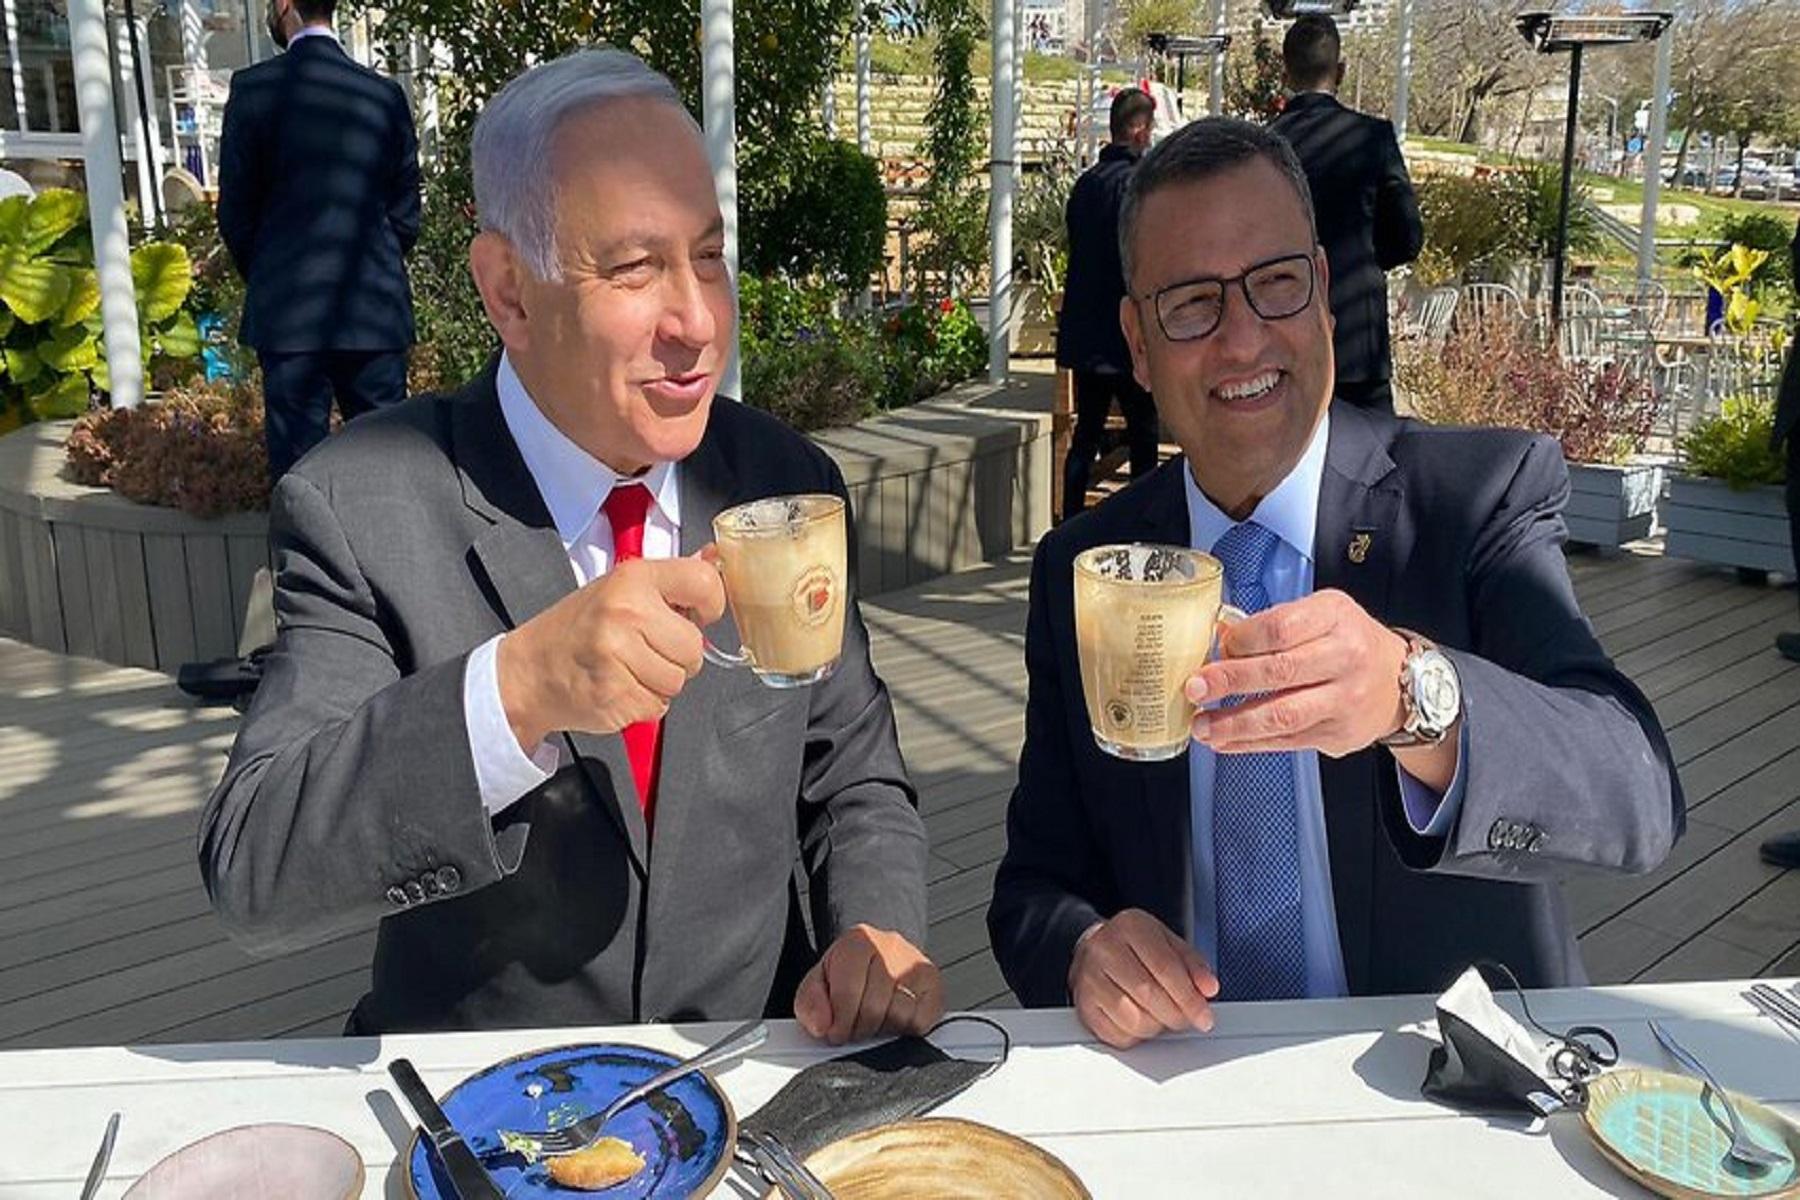 Ισραήλ Νετανιάχου: Άνοιξαν πριν 20 ημέρες εστιατόρια και μπαρ σε εμβολιασμένους πελάτες [vid]